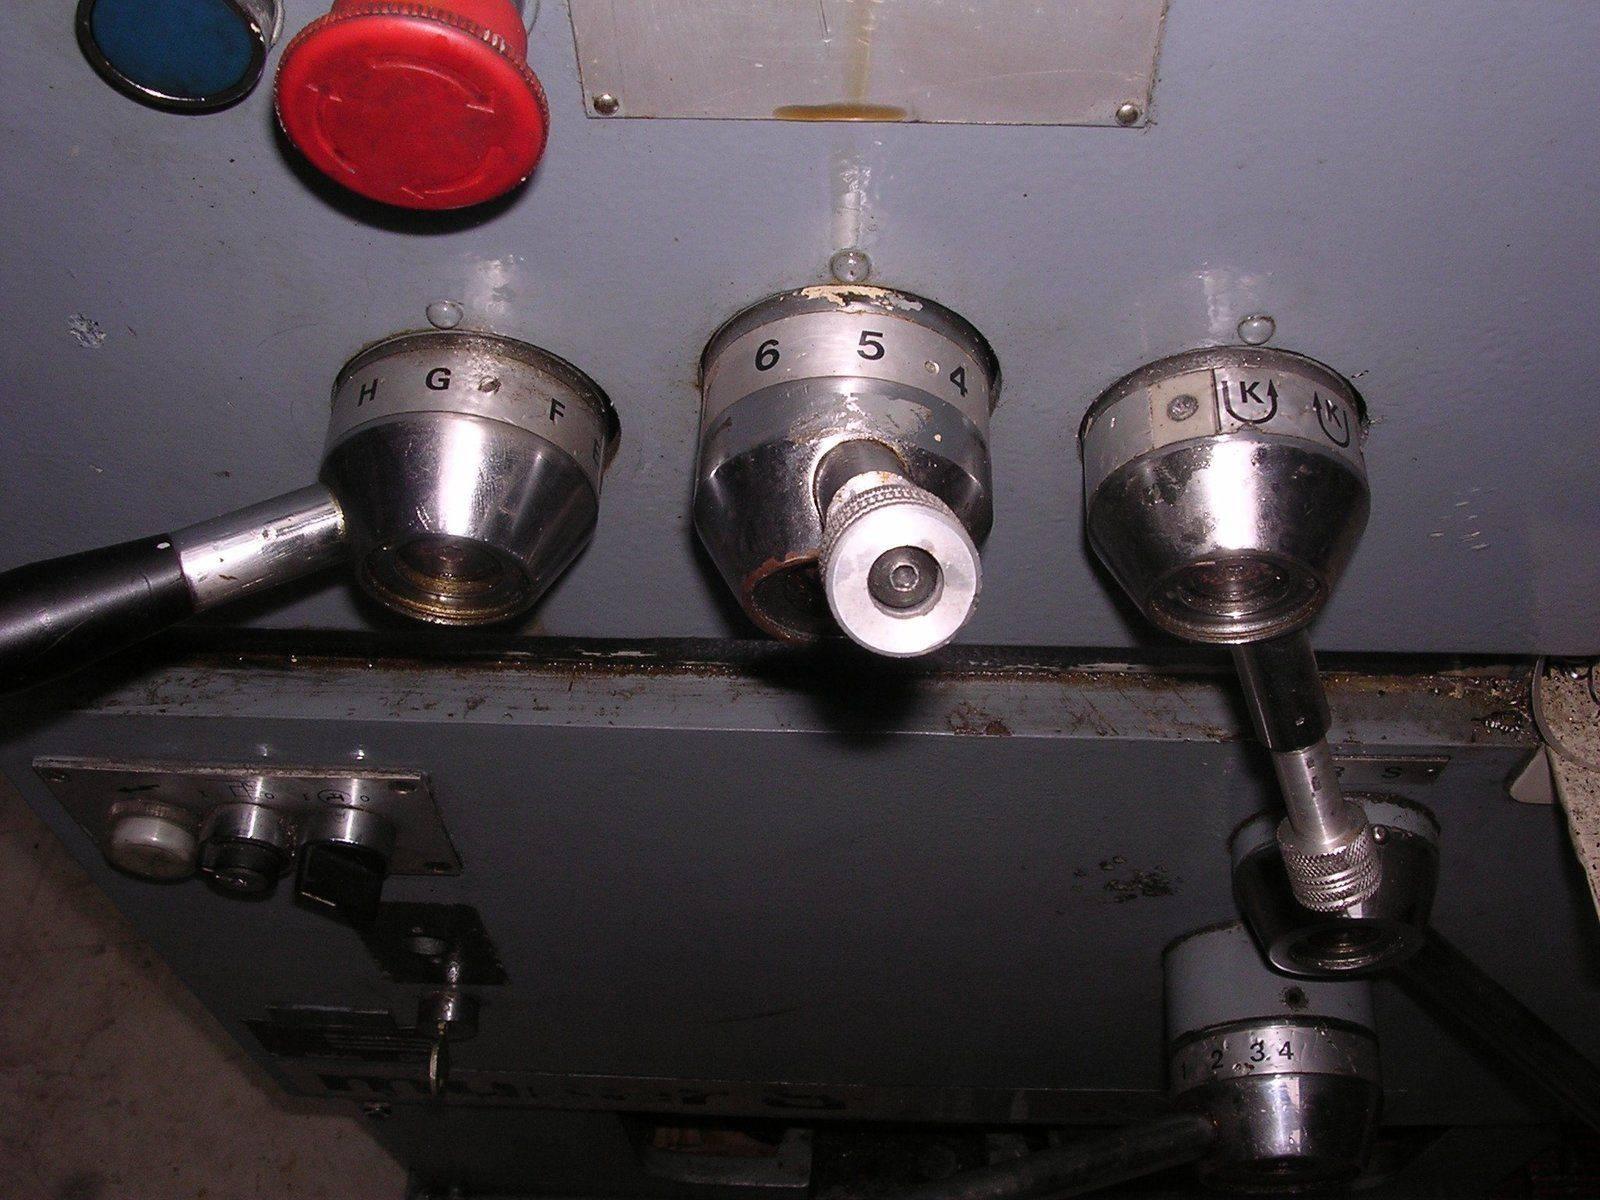 DSCN2996.JPG